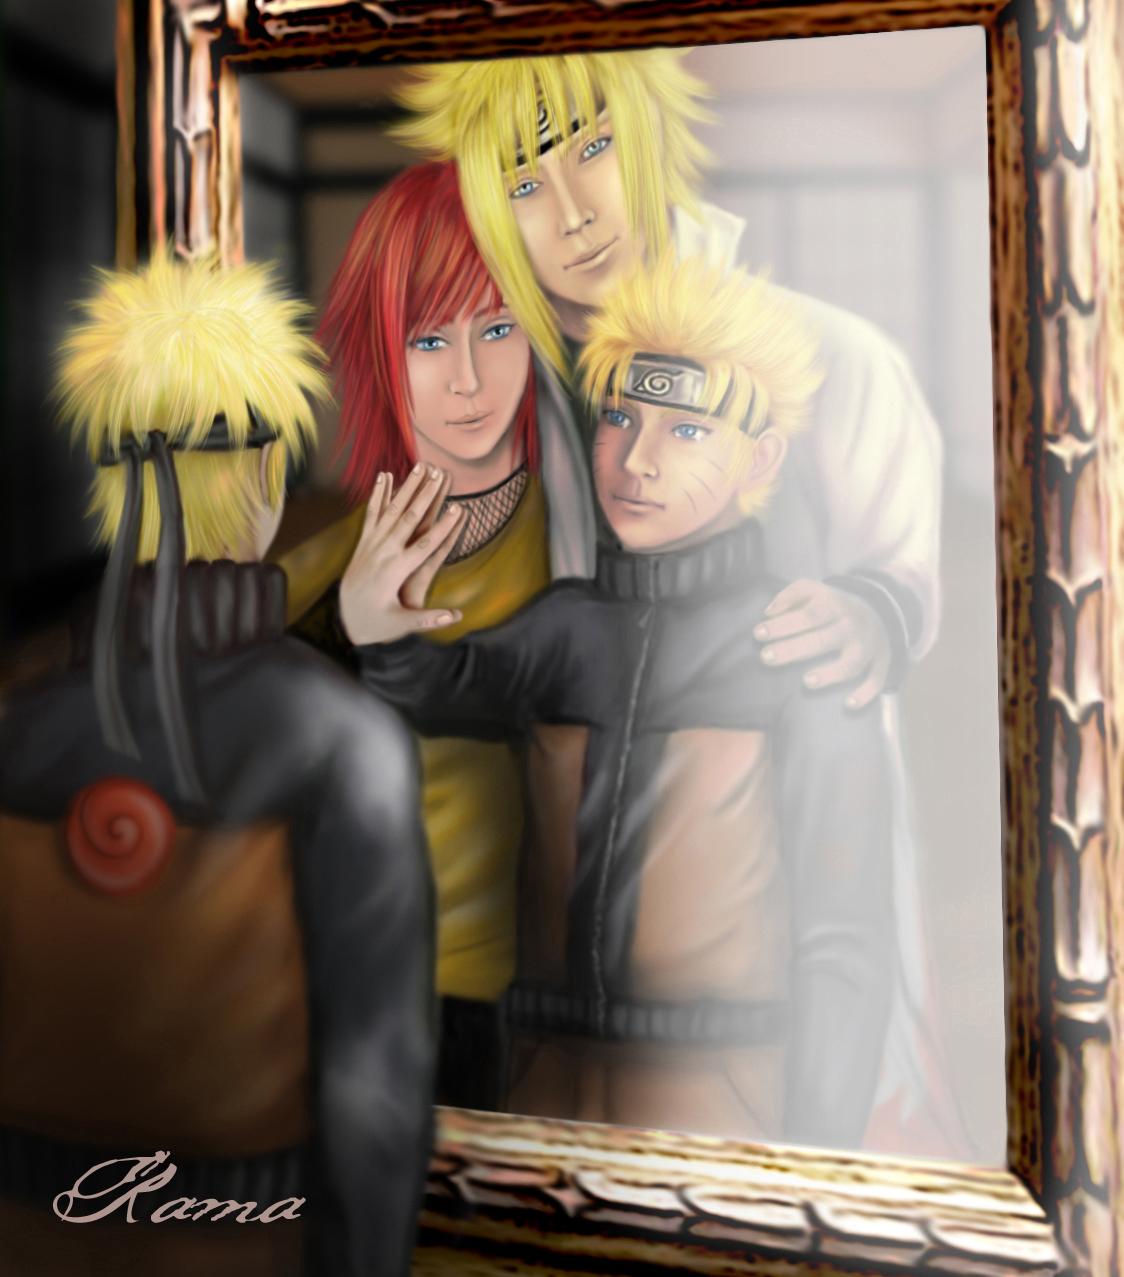 http://4.bp.blogspot.com/-91wehuj6fFw/TdDsNQyo6JI/AAAAAAAAAHE/q-3Mzacs7V8/s1600/The+Mirror+Of+Erised+Naruto+By+Rama+Chan.jpg